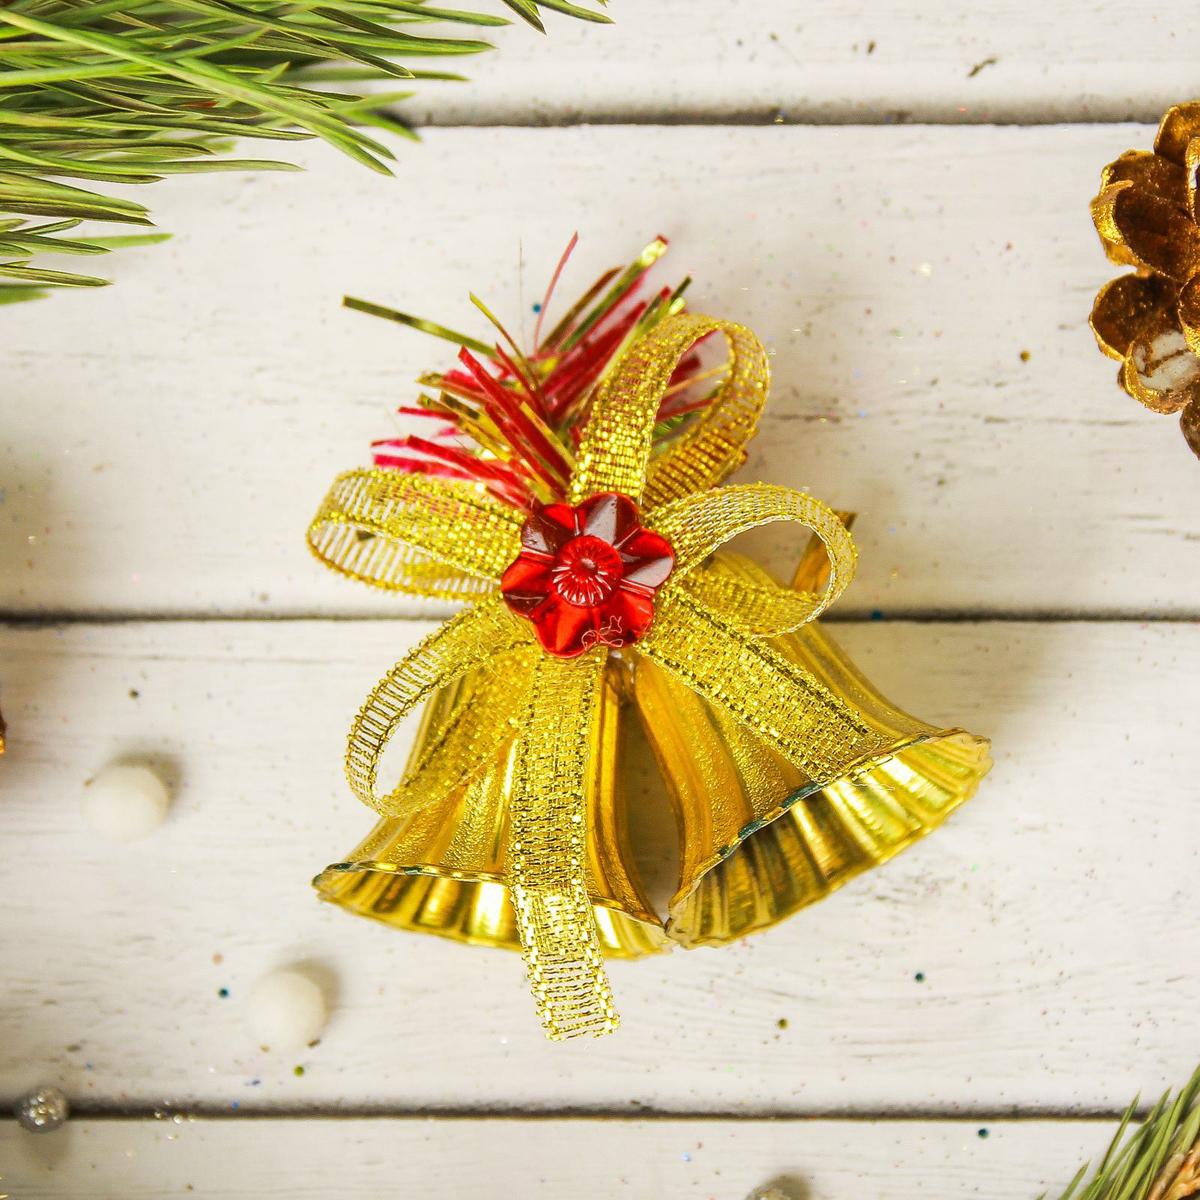 Набор новогодних подвесных украшений Sima-land Колокольчик, 6 х 4 см, 3 шт2372155Набор новогодних подвесных украшений Sima-land отлично подойдет для декорации вашего дома и новогодней ели. Новогодние украшения можно повесить в любом понравившемся вам месте. Но, конечно, удачнее всего они будет смотреться на праздничной елке.Елочная игрушка - символ Нового года. Она несет в себе волшебство и красоту праздника. Такое украшение создаст в вашем доме атмосферу праздника, веселья и радости.